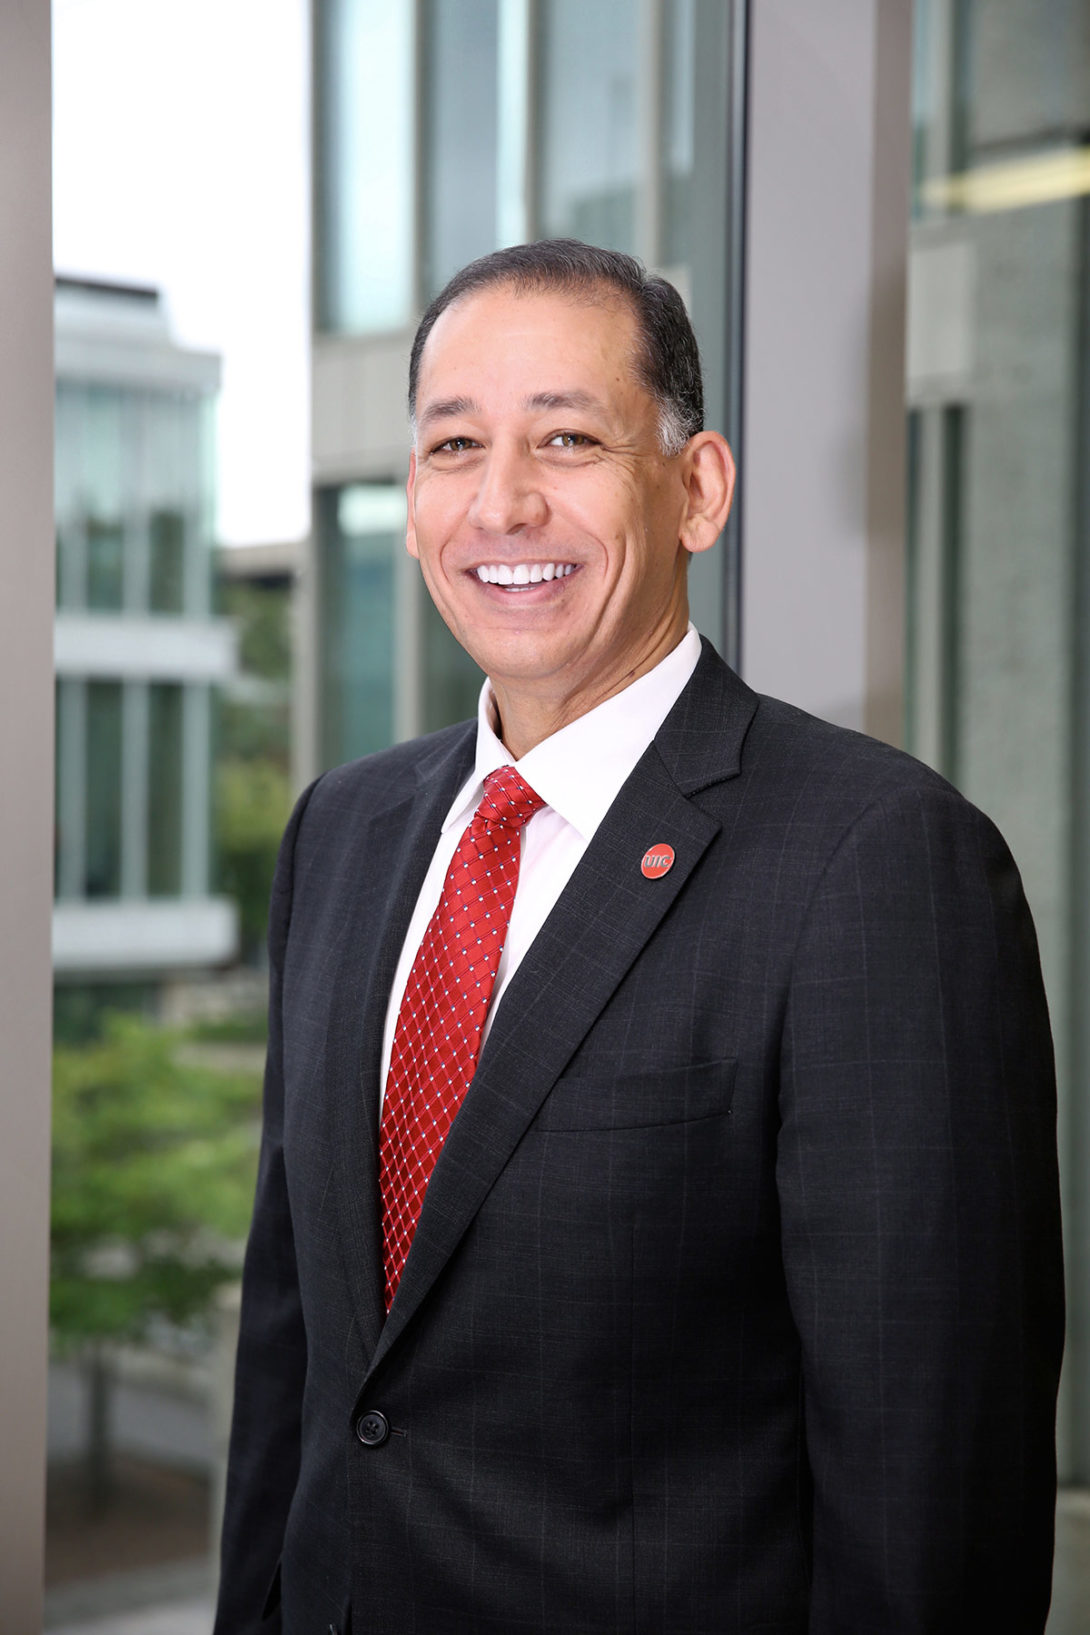 Dean Michael Mikhail